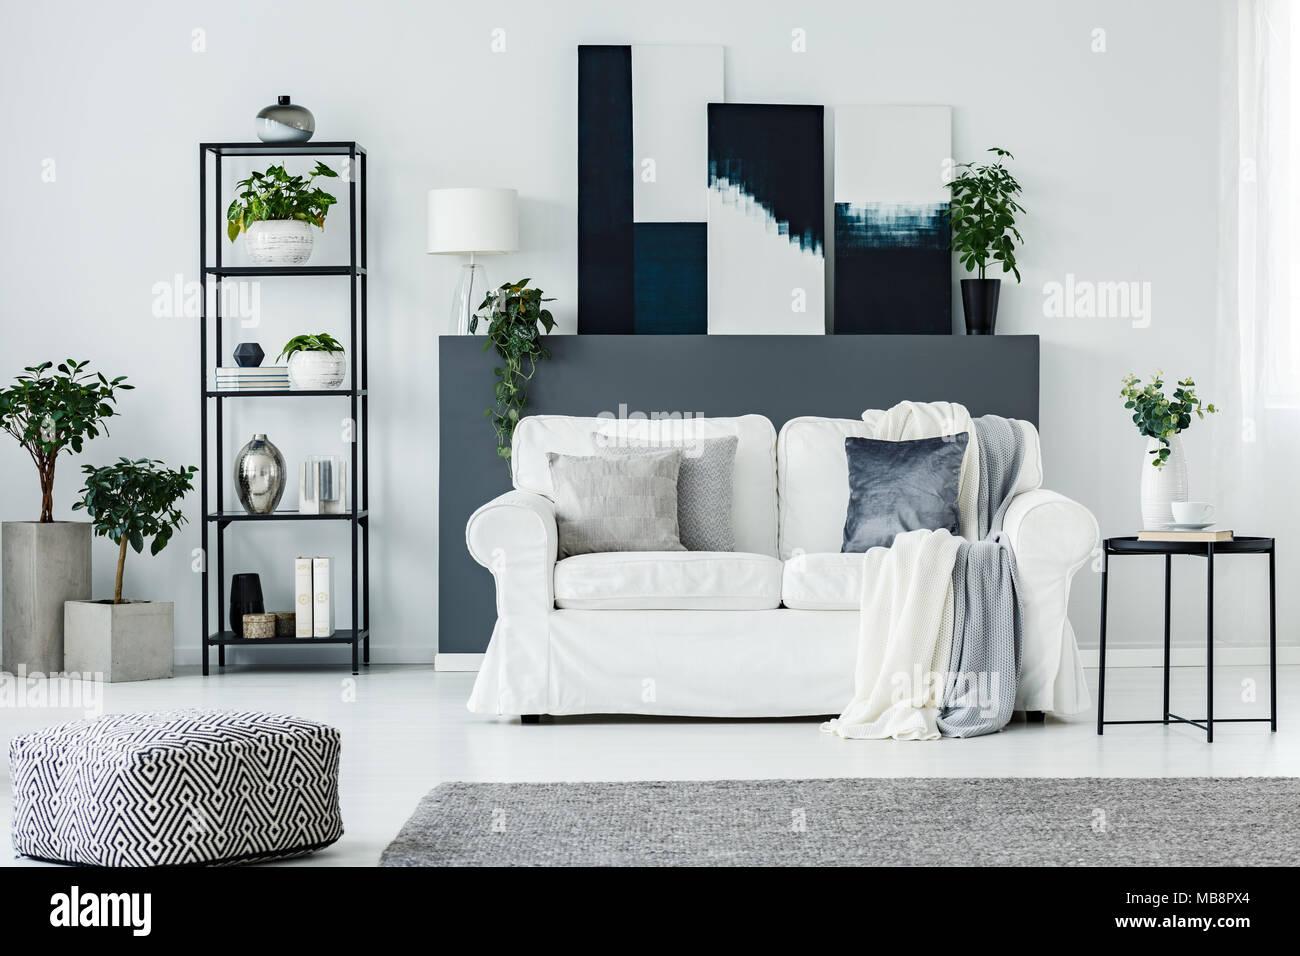 designer wohnzimmer einrichtung, bequemes sofa durch eine graue wand mit abstrakten gemälden in einem, Möbel ideen